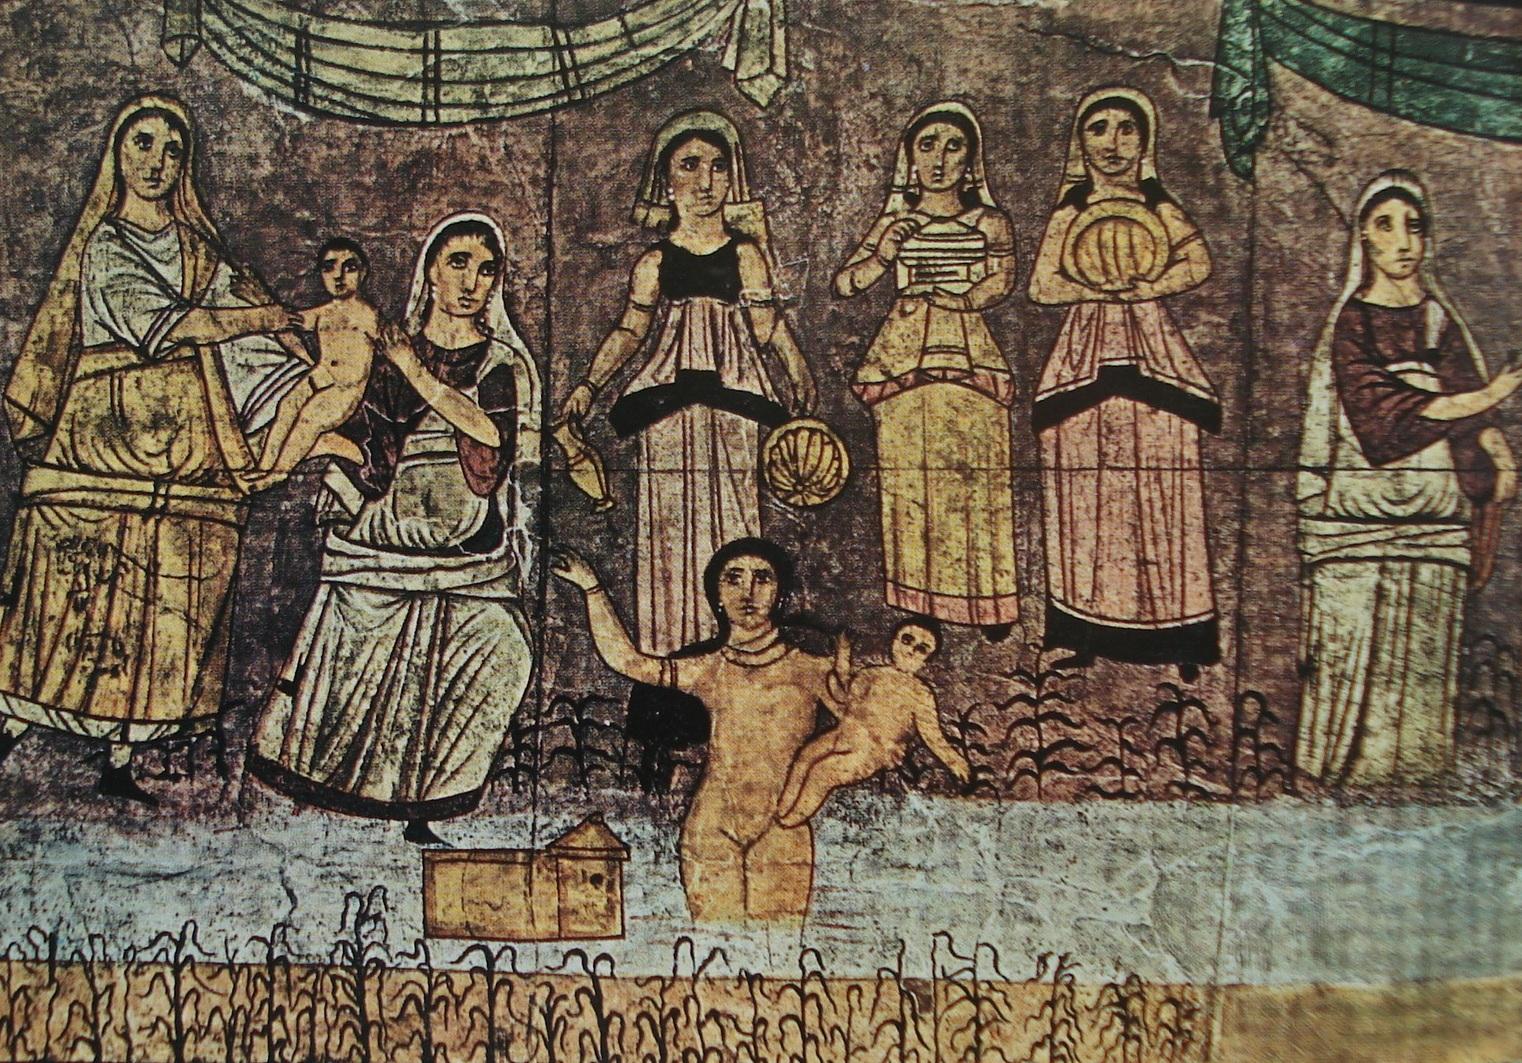 Fig. 2. Moïse sauvé des eaux. Peinture de la synagogue de Doura-Europos. SCHLUMBERGER, 1970, p. 110.